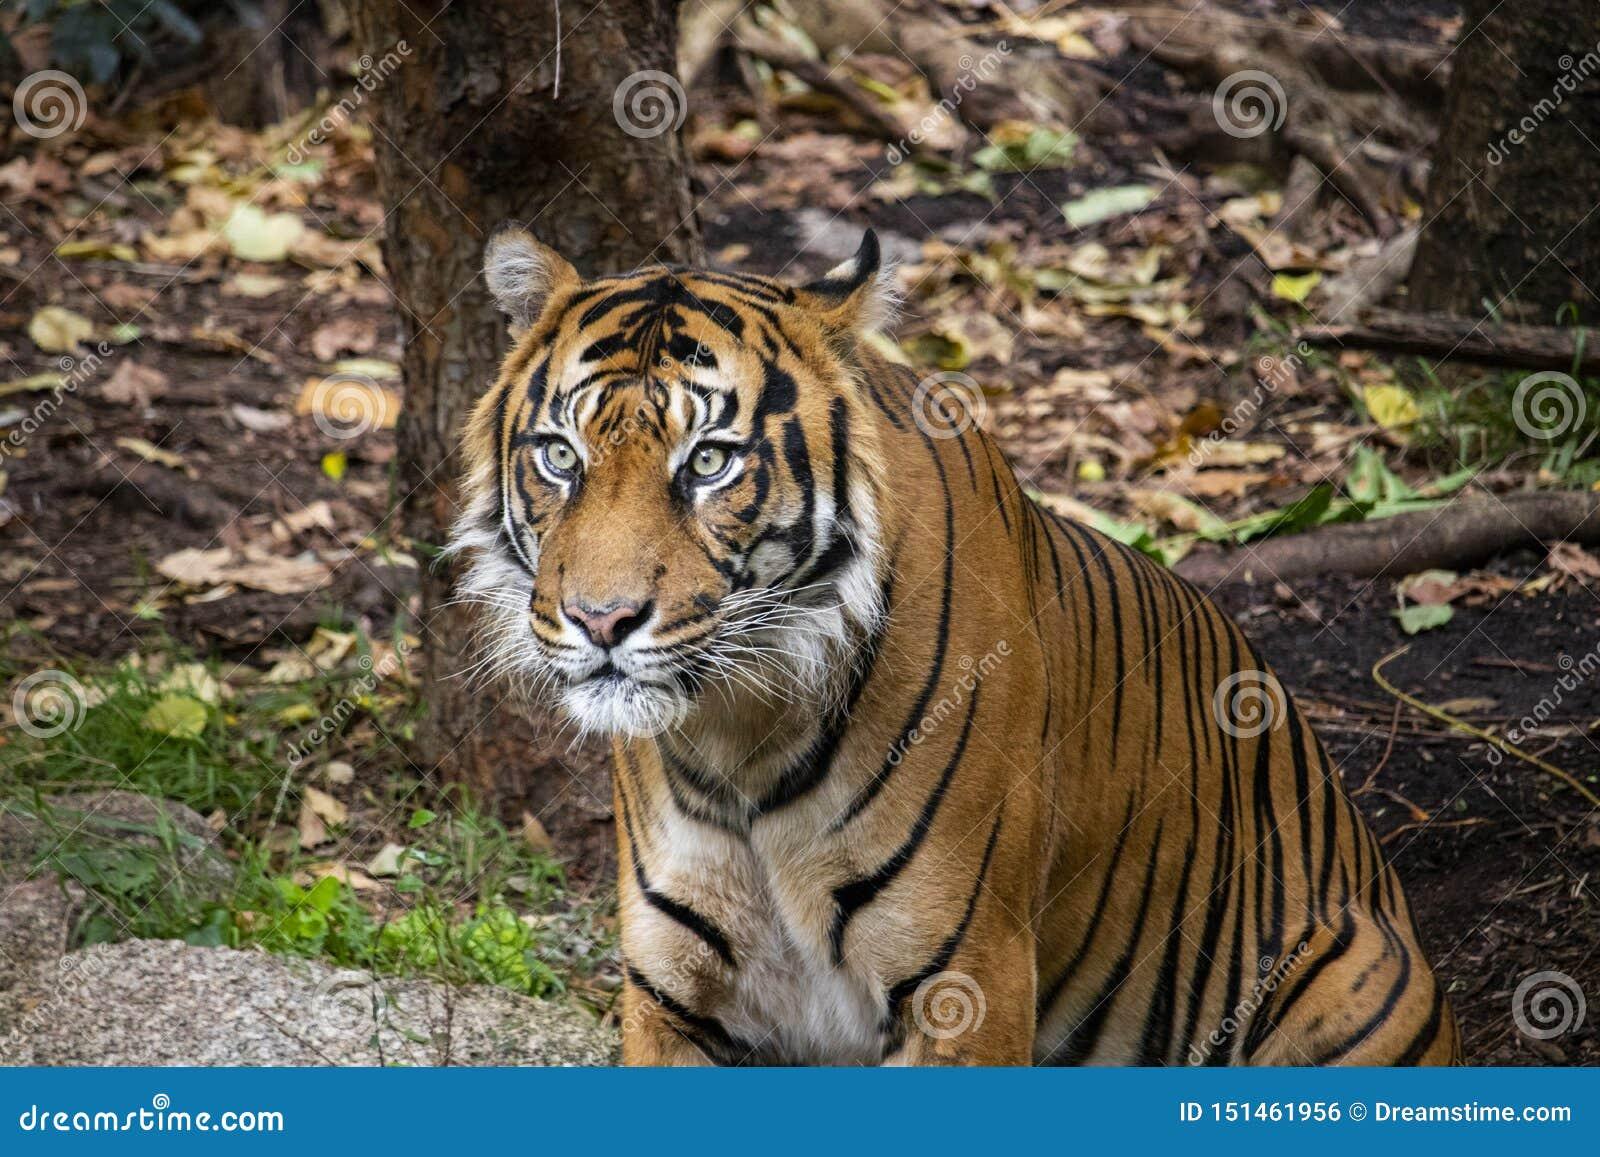 虎滩坐在他的封入物的Sumatran老虎